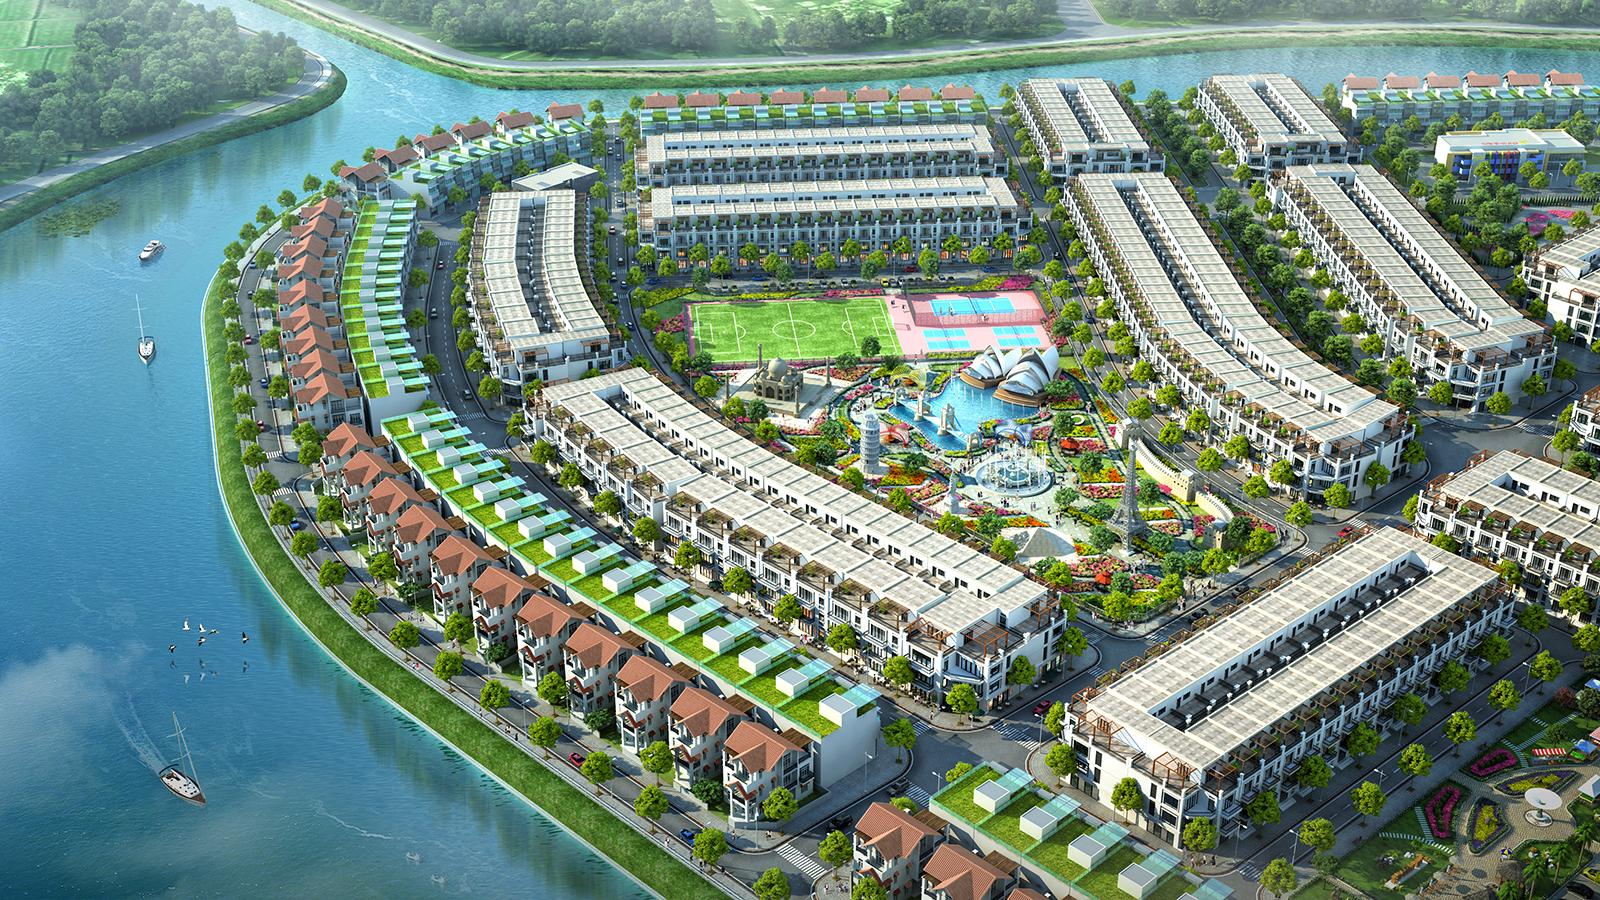 Bán đất dự án khu đô thị đầu tiên tại Nghệ An - TNR Star Diễn Châu - Liên  hệ: 0944637688